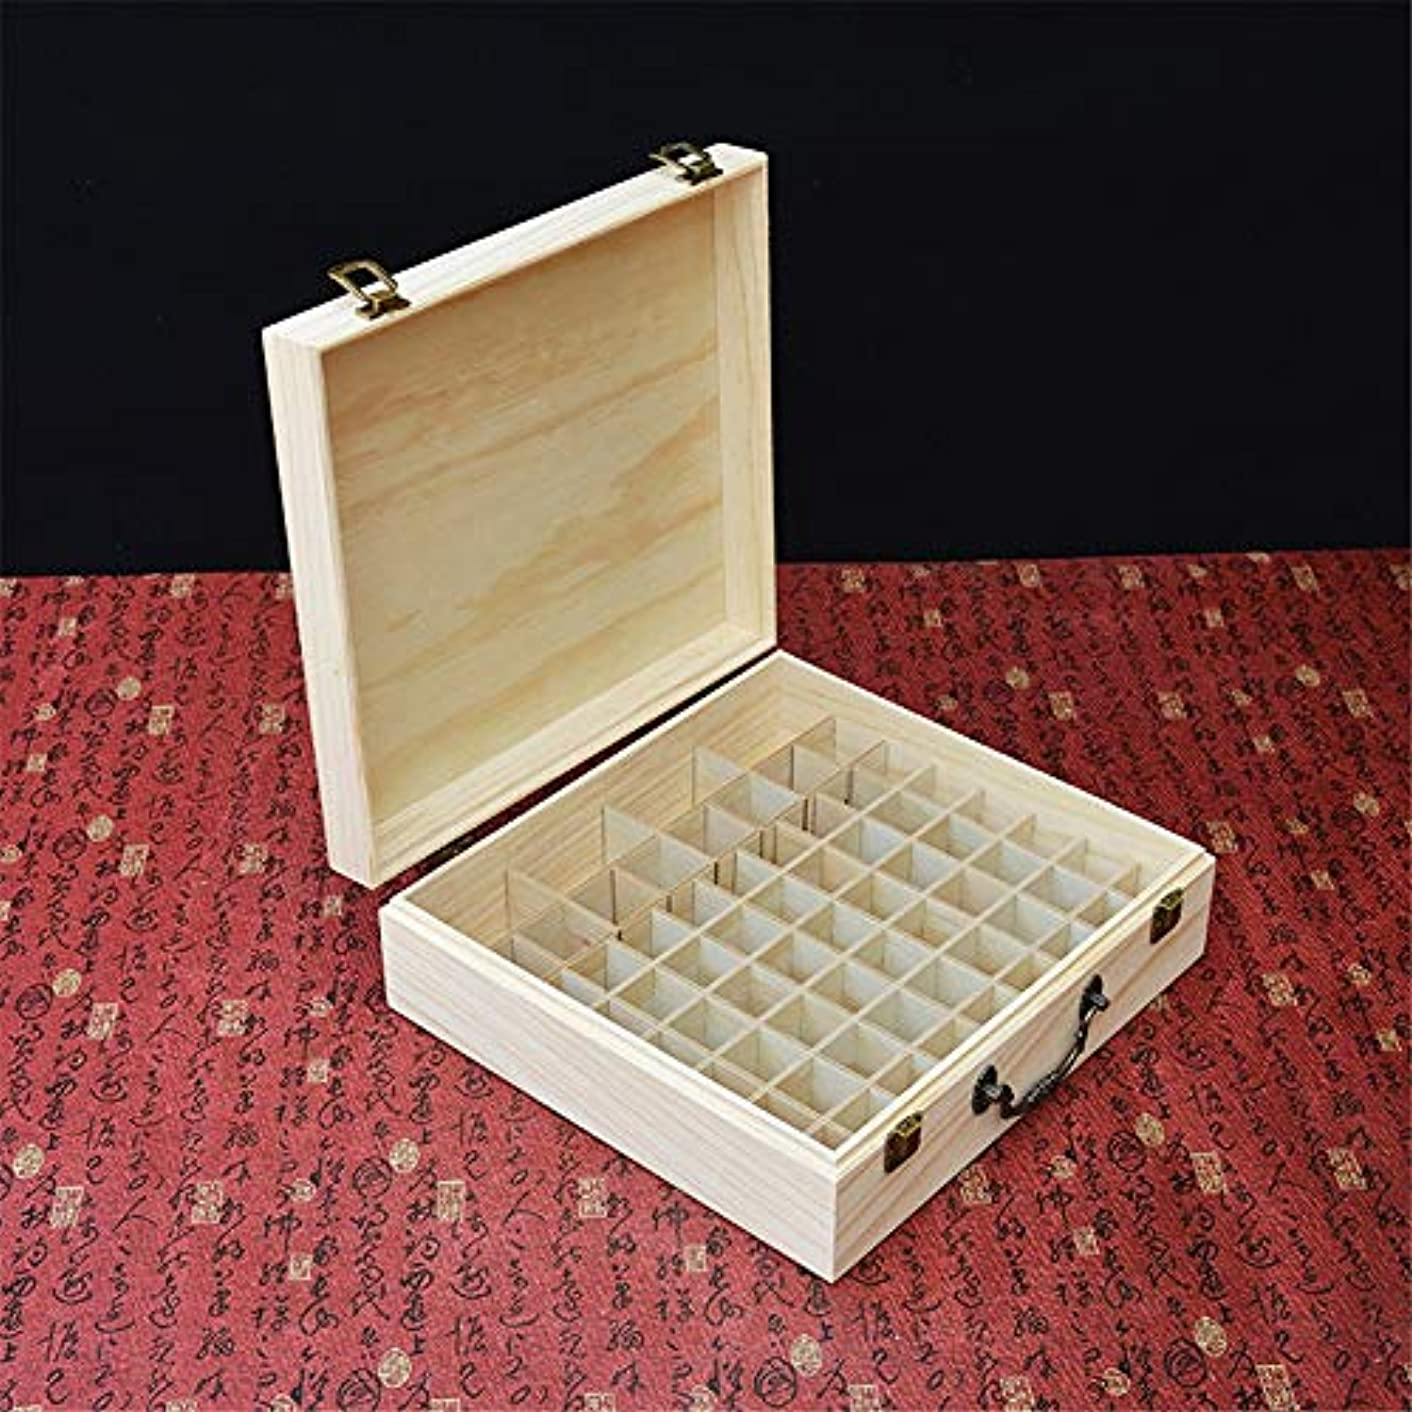 権限を与える海会う旅行やプレゼンテーションのために66スロット木製エッセンシャルオイルストレージボックスパーフェクト アロマセラピー製品 (色 : Natural, サイズ : 31.5X29X10CM)